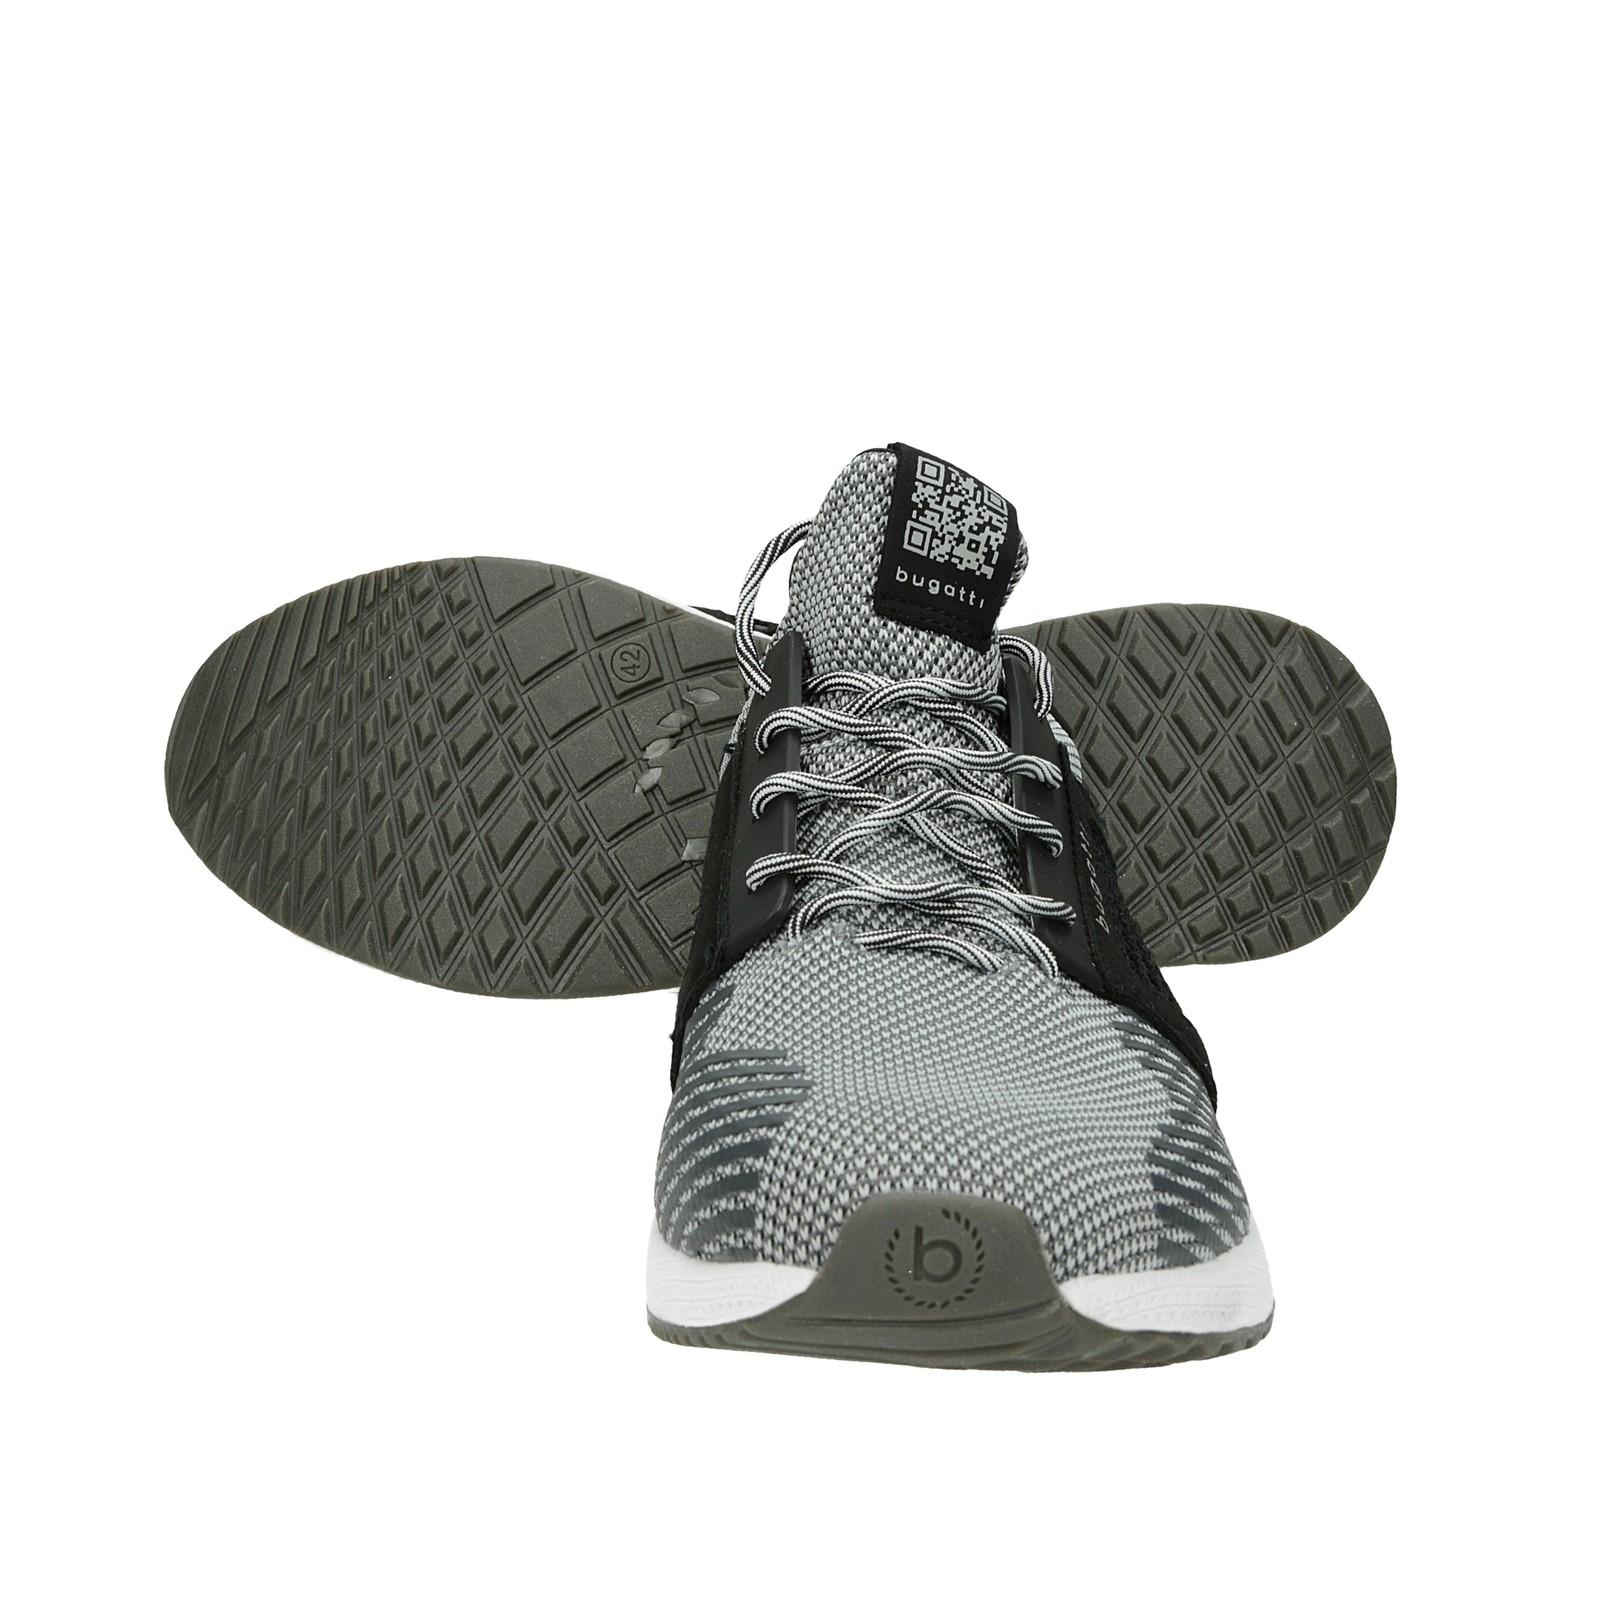 Bugatti pánske štýlové tenisky - šedé